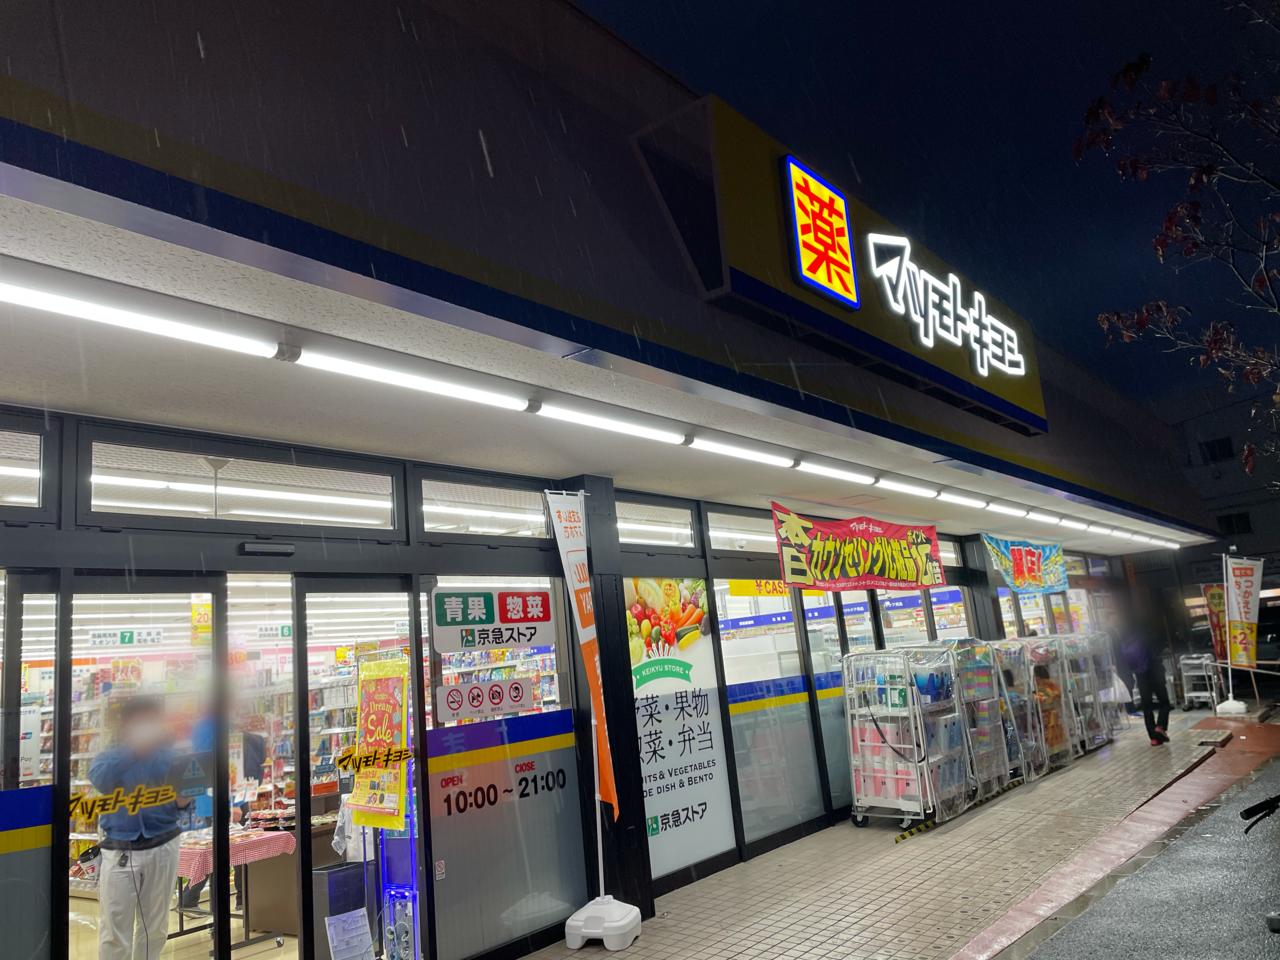 マツモトキヨシ横須賀根岸町店